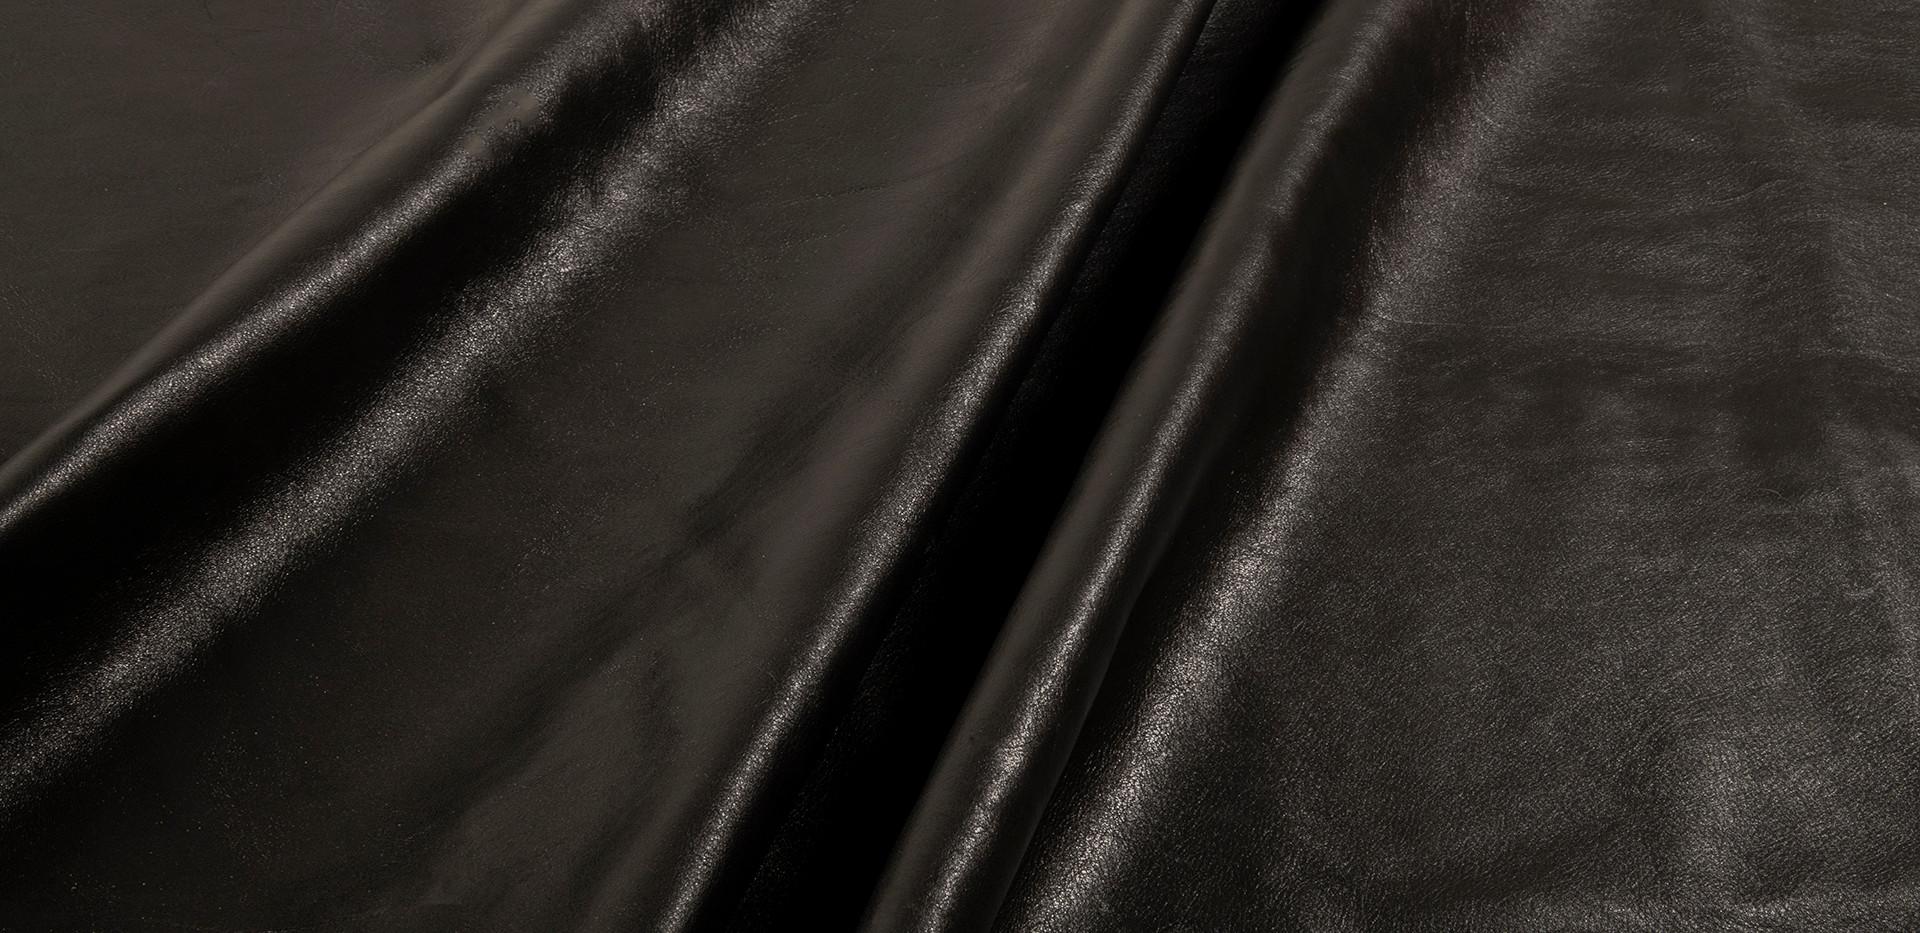 Black Stork Eggshell grainside detail 1